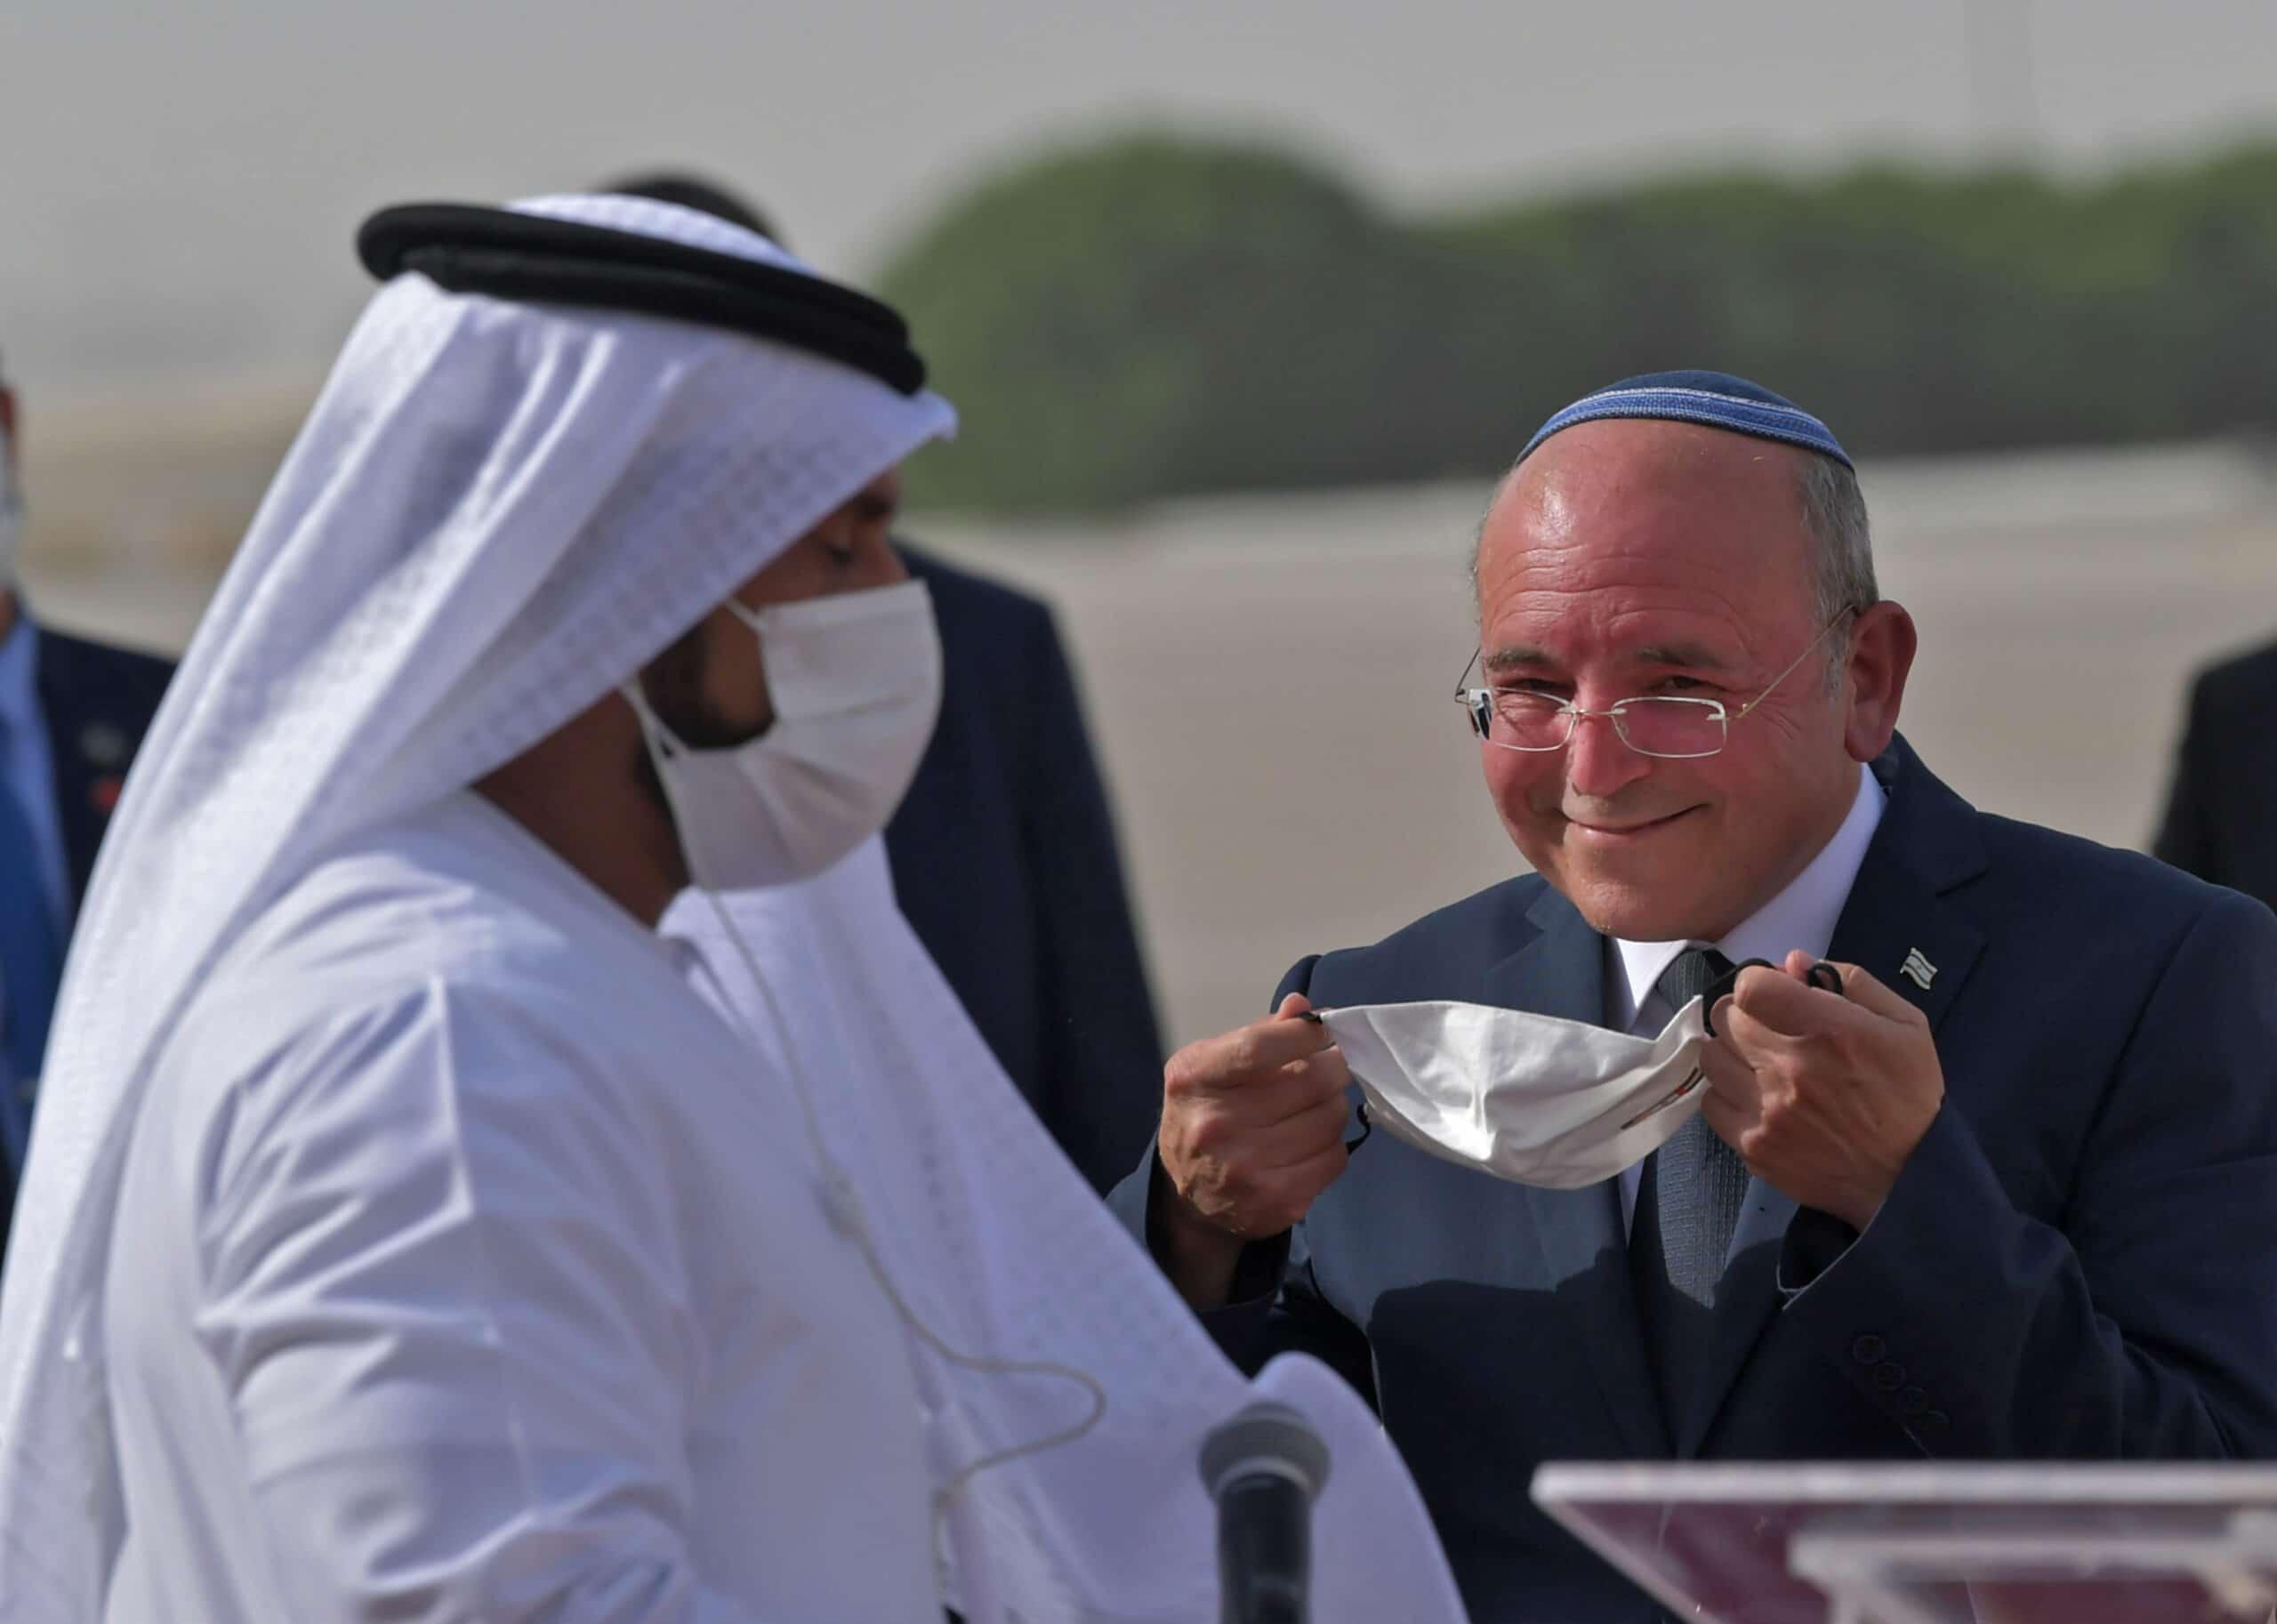 الإمارات غاضبة وبوادر أزمة .. وزيرة إسرائيلية تطالب بإلغاء هذه الإتفاقية مع أبوظبي